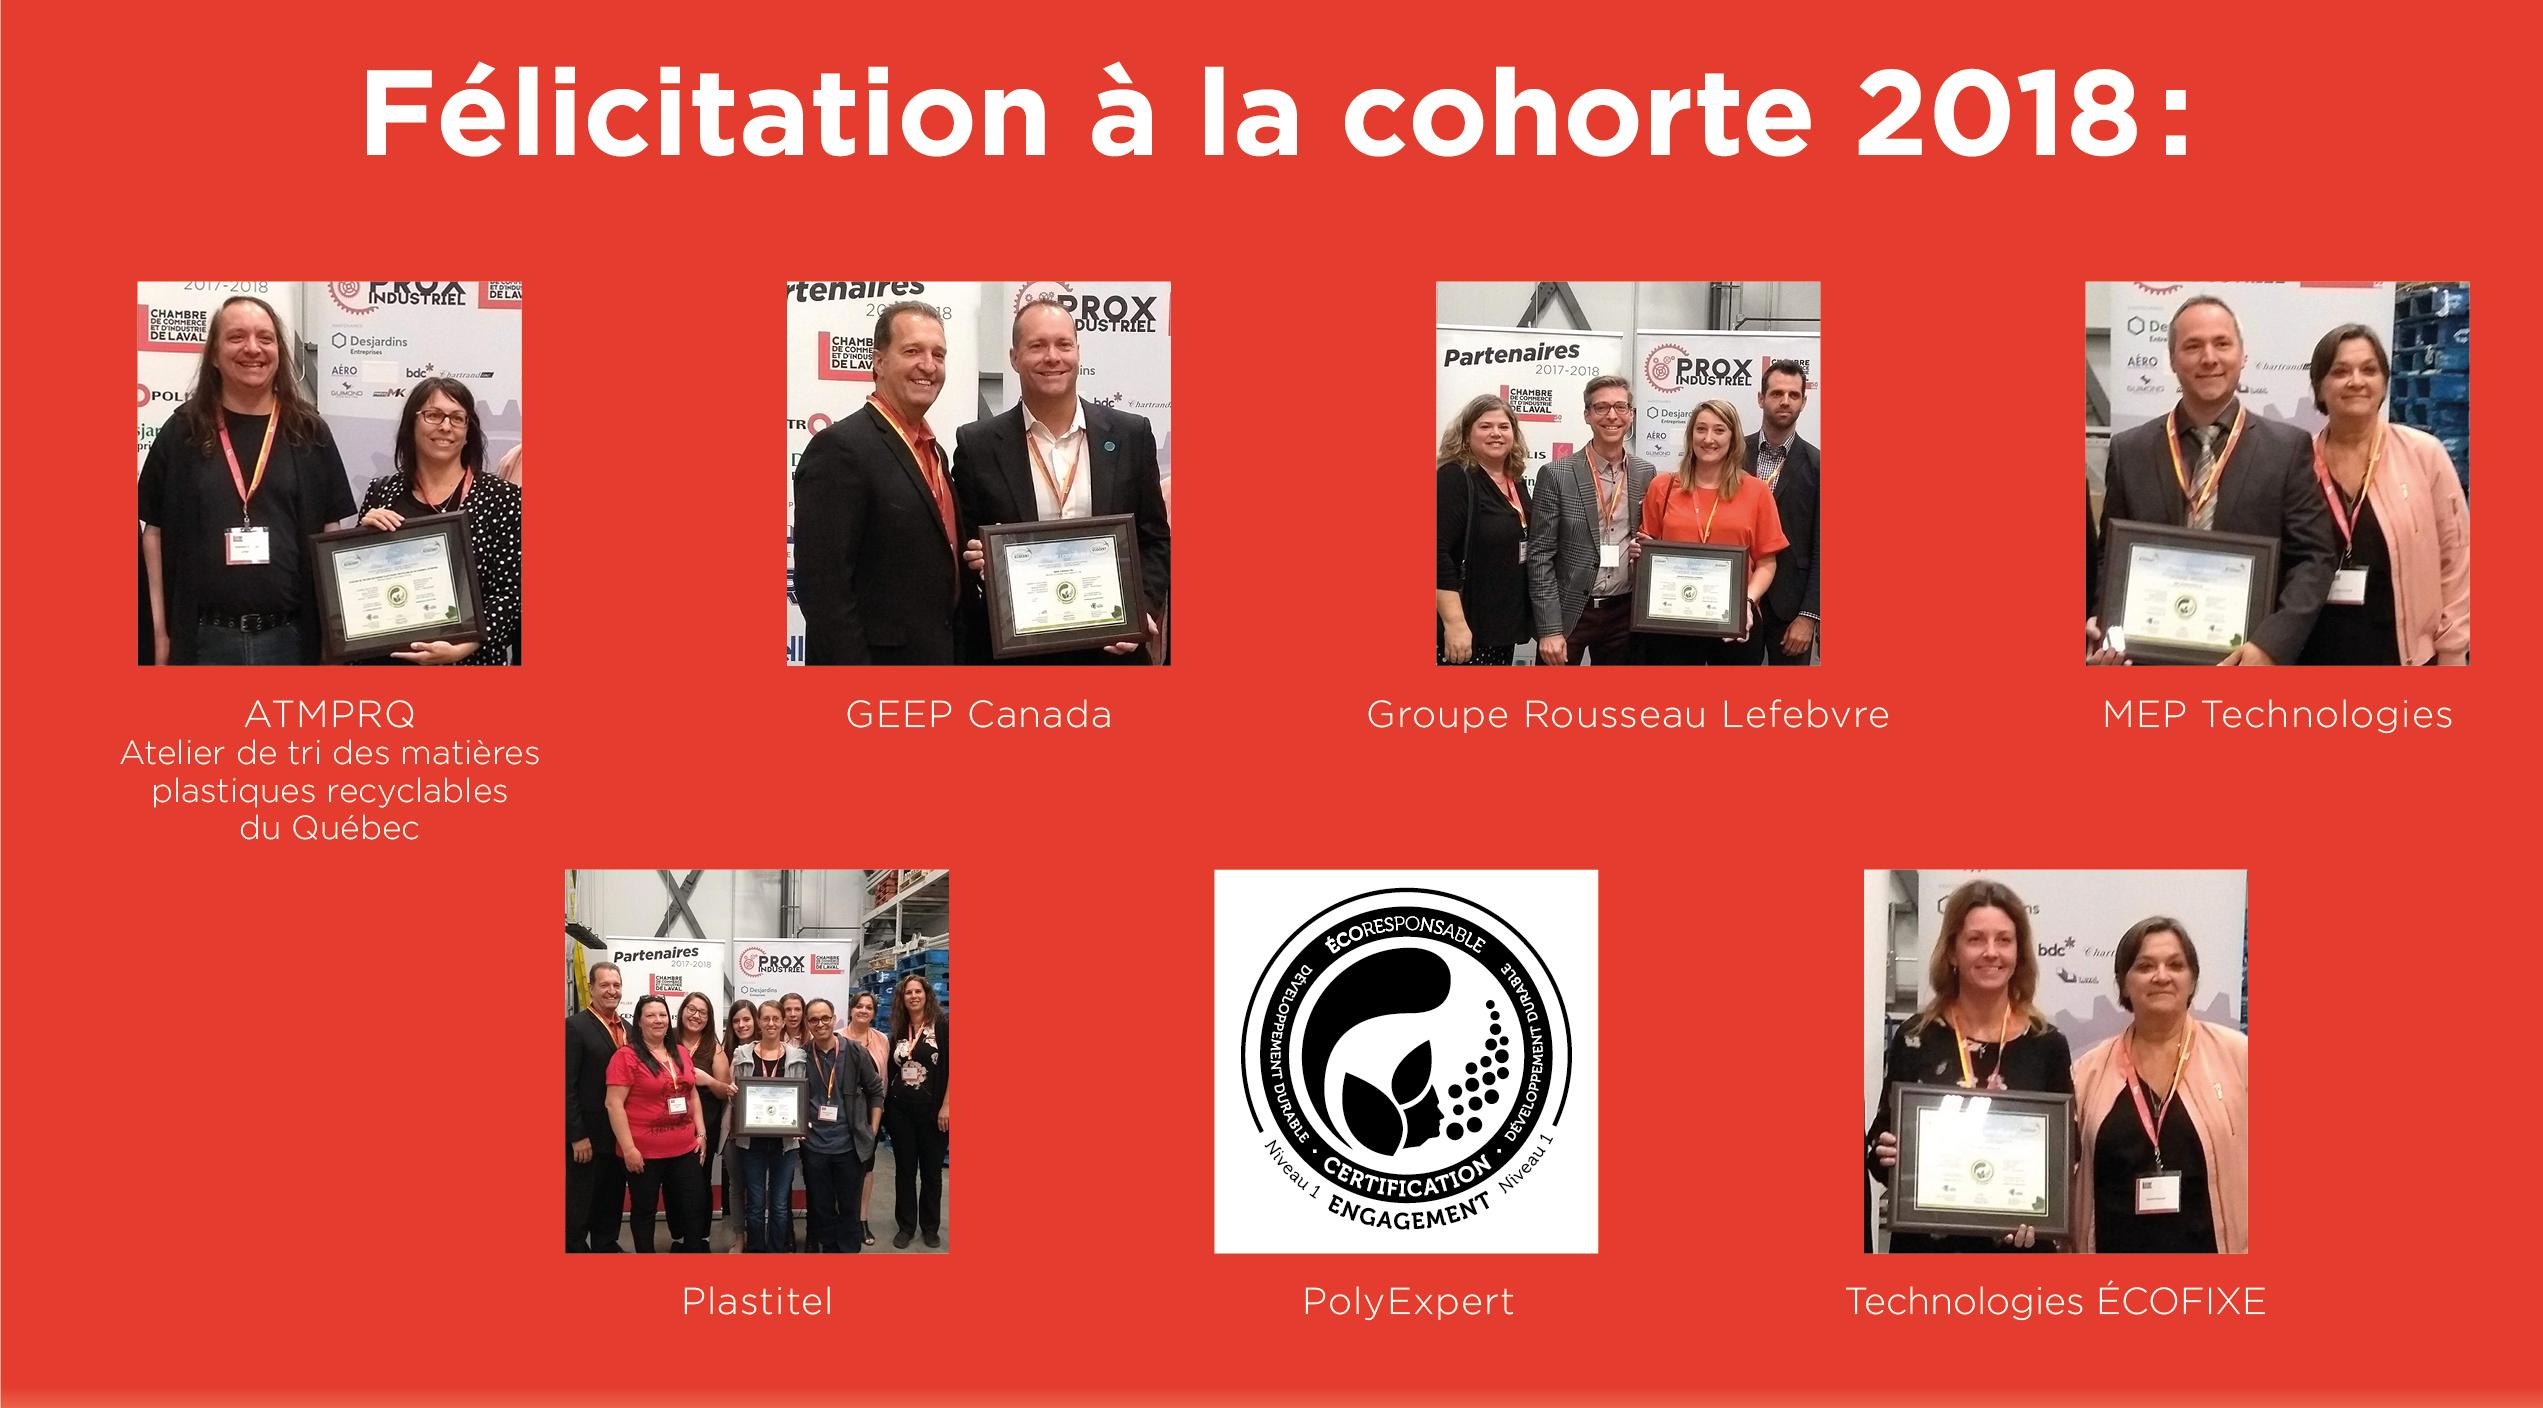 CohorteÉco_Cohorte 2018